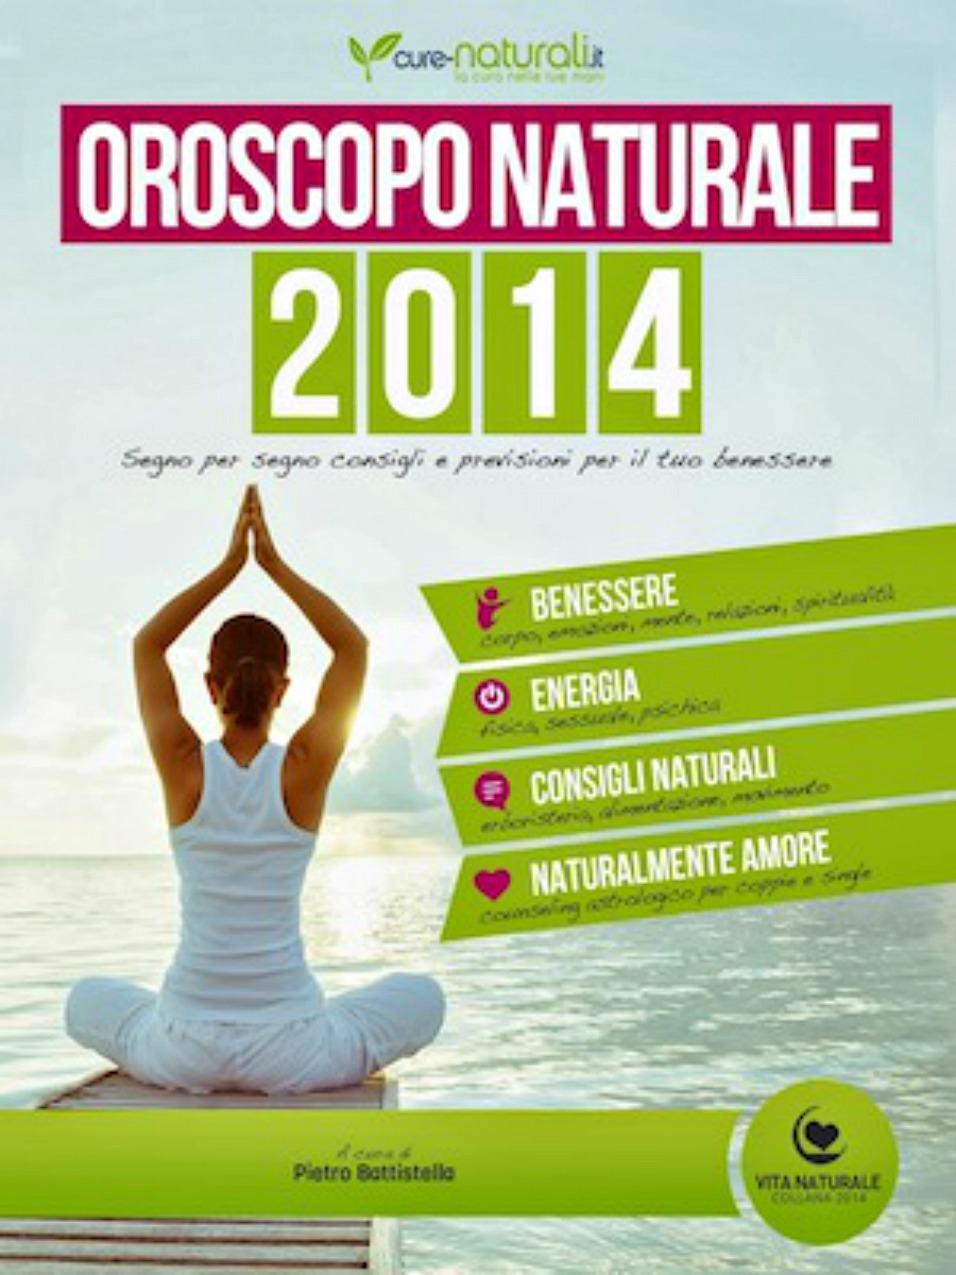 oroscopo naturale 2014 benessere a tutto tondo, alessia milanese, thechilicool, fashion blog, fashion blogger, curenaturali.it